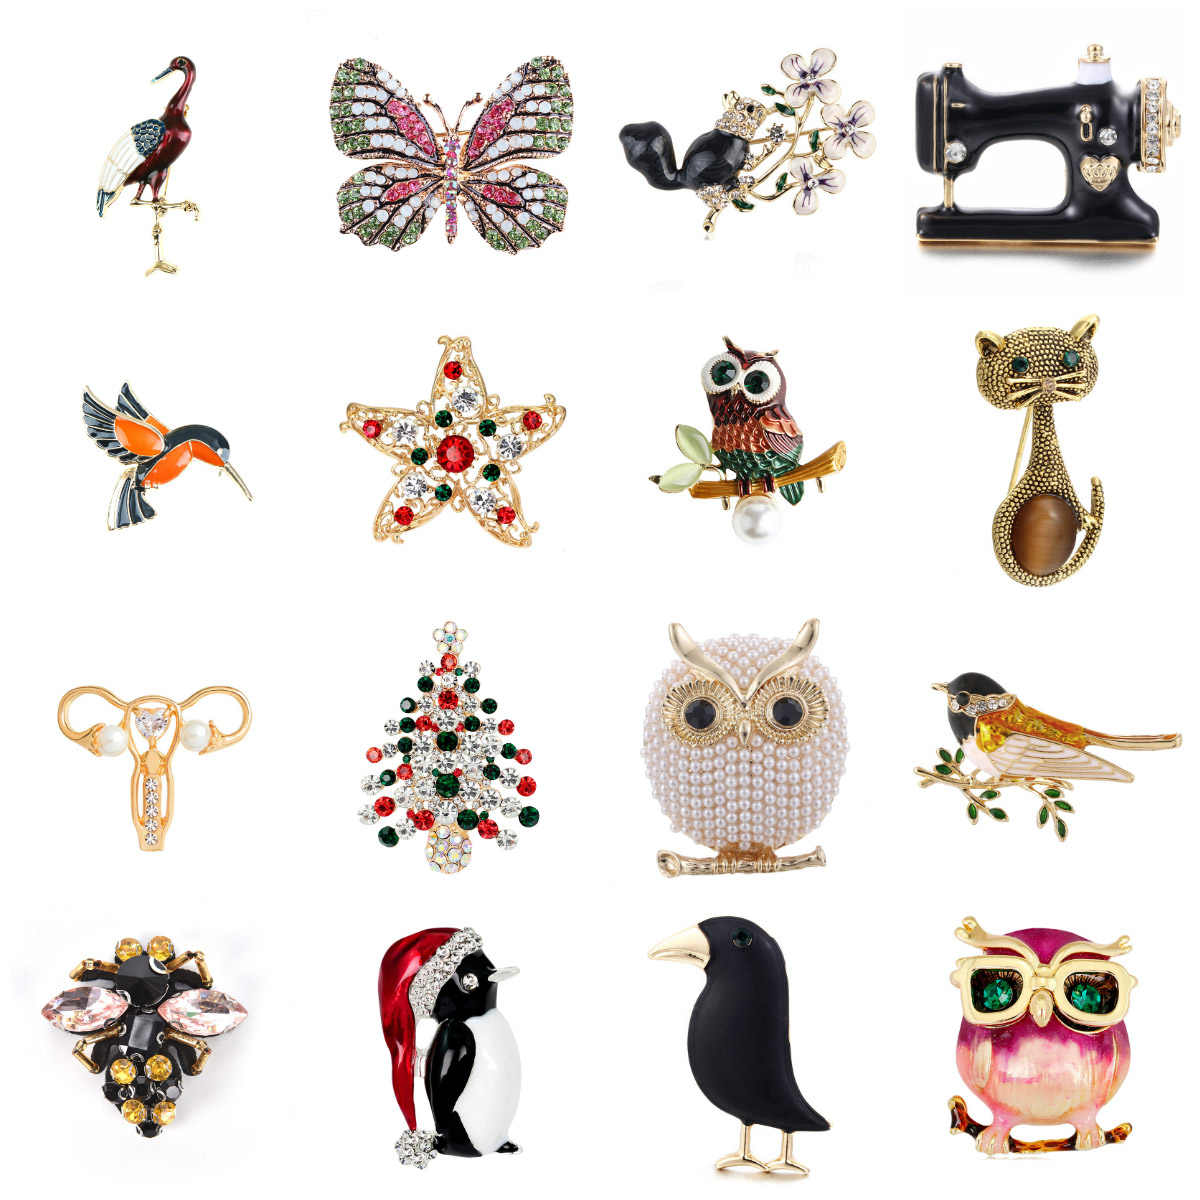 Fashion Buatan Tangan Lucu Burung Parrot Pin Bros untuk Wanita Enamel Pin Crystal Hewan Bayi Burung Bros Pin Perhiasan Natal